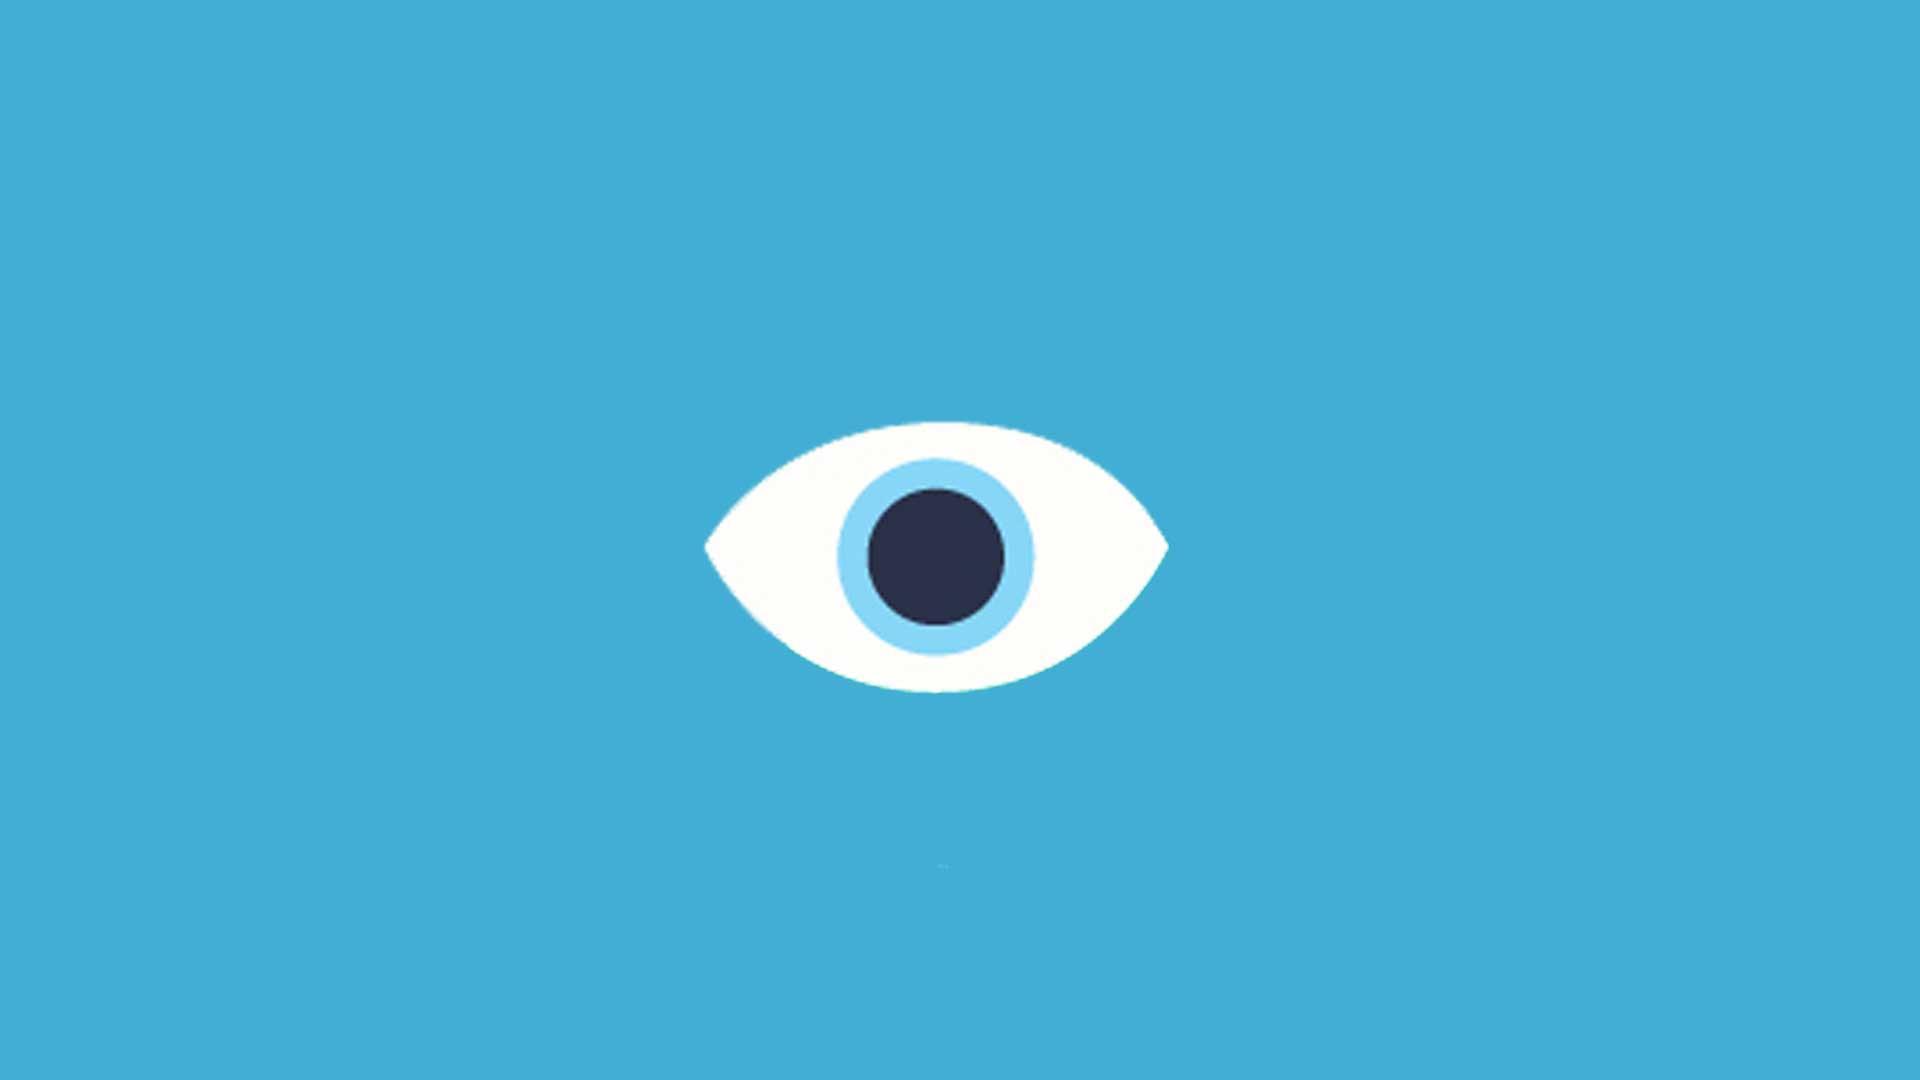 Overview sobre o Xamarim: Visão rápida sobre o framework para desenvolvimento de app híbrido